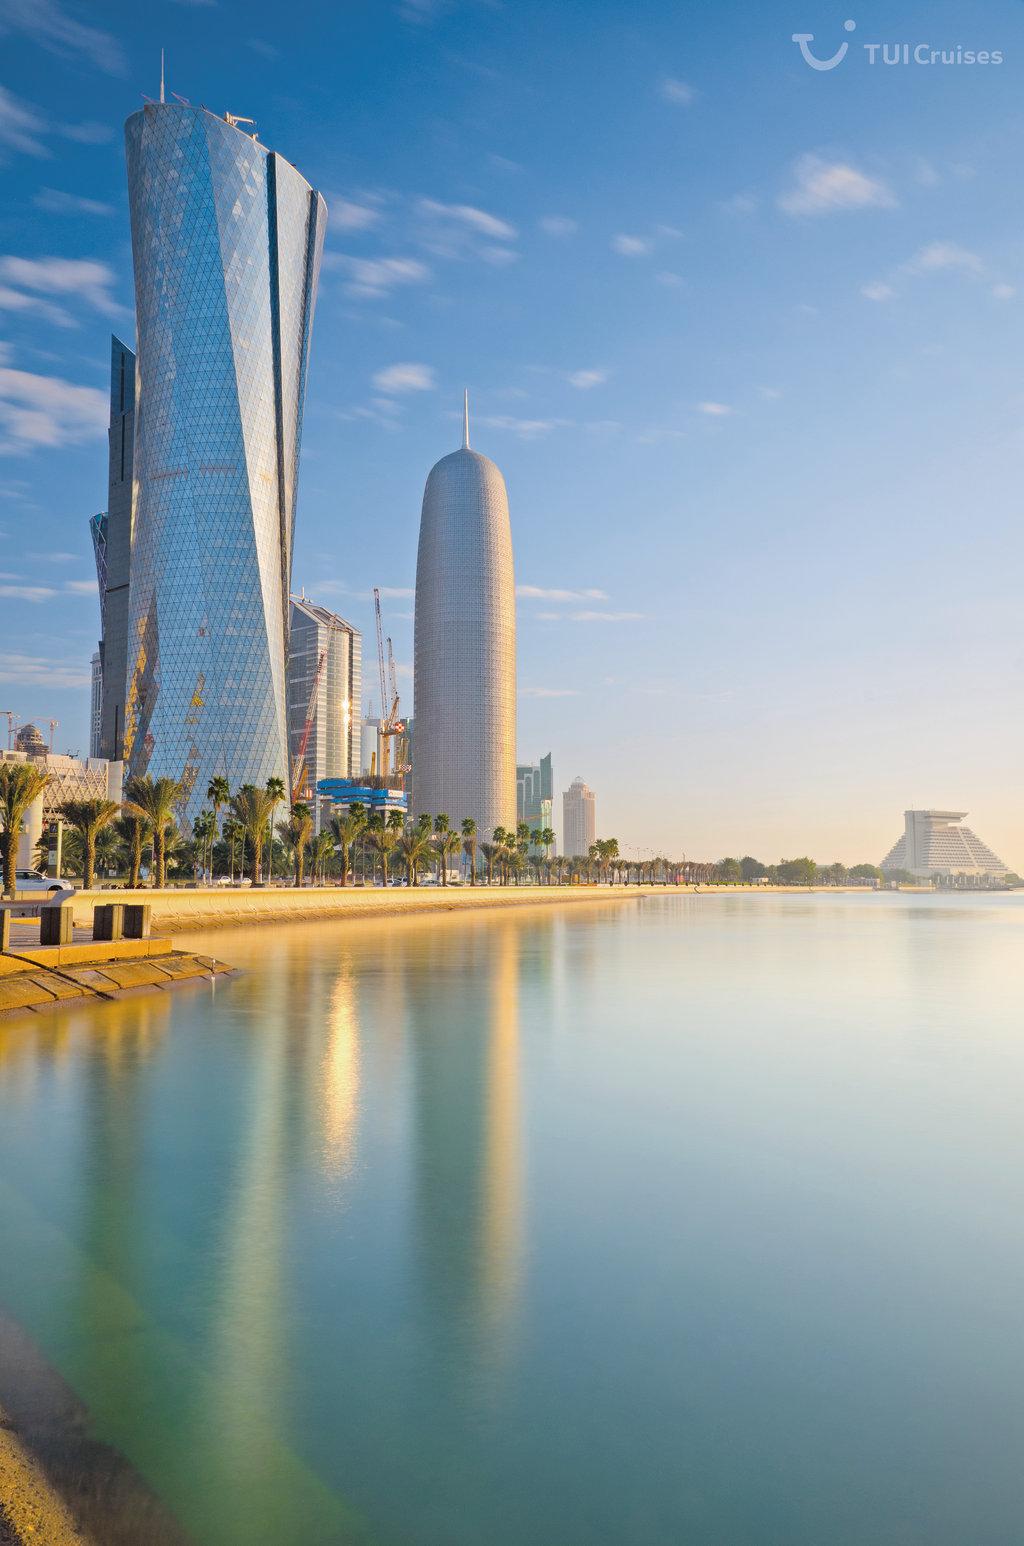 Mein Schiff Reiseziel: Der Al Bidda Tower and das Burj Qatar in Doha/Katar